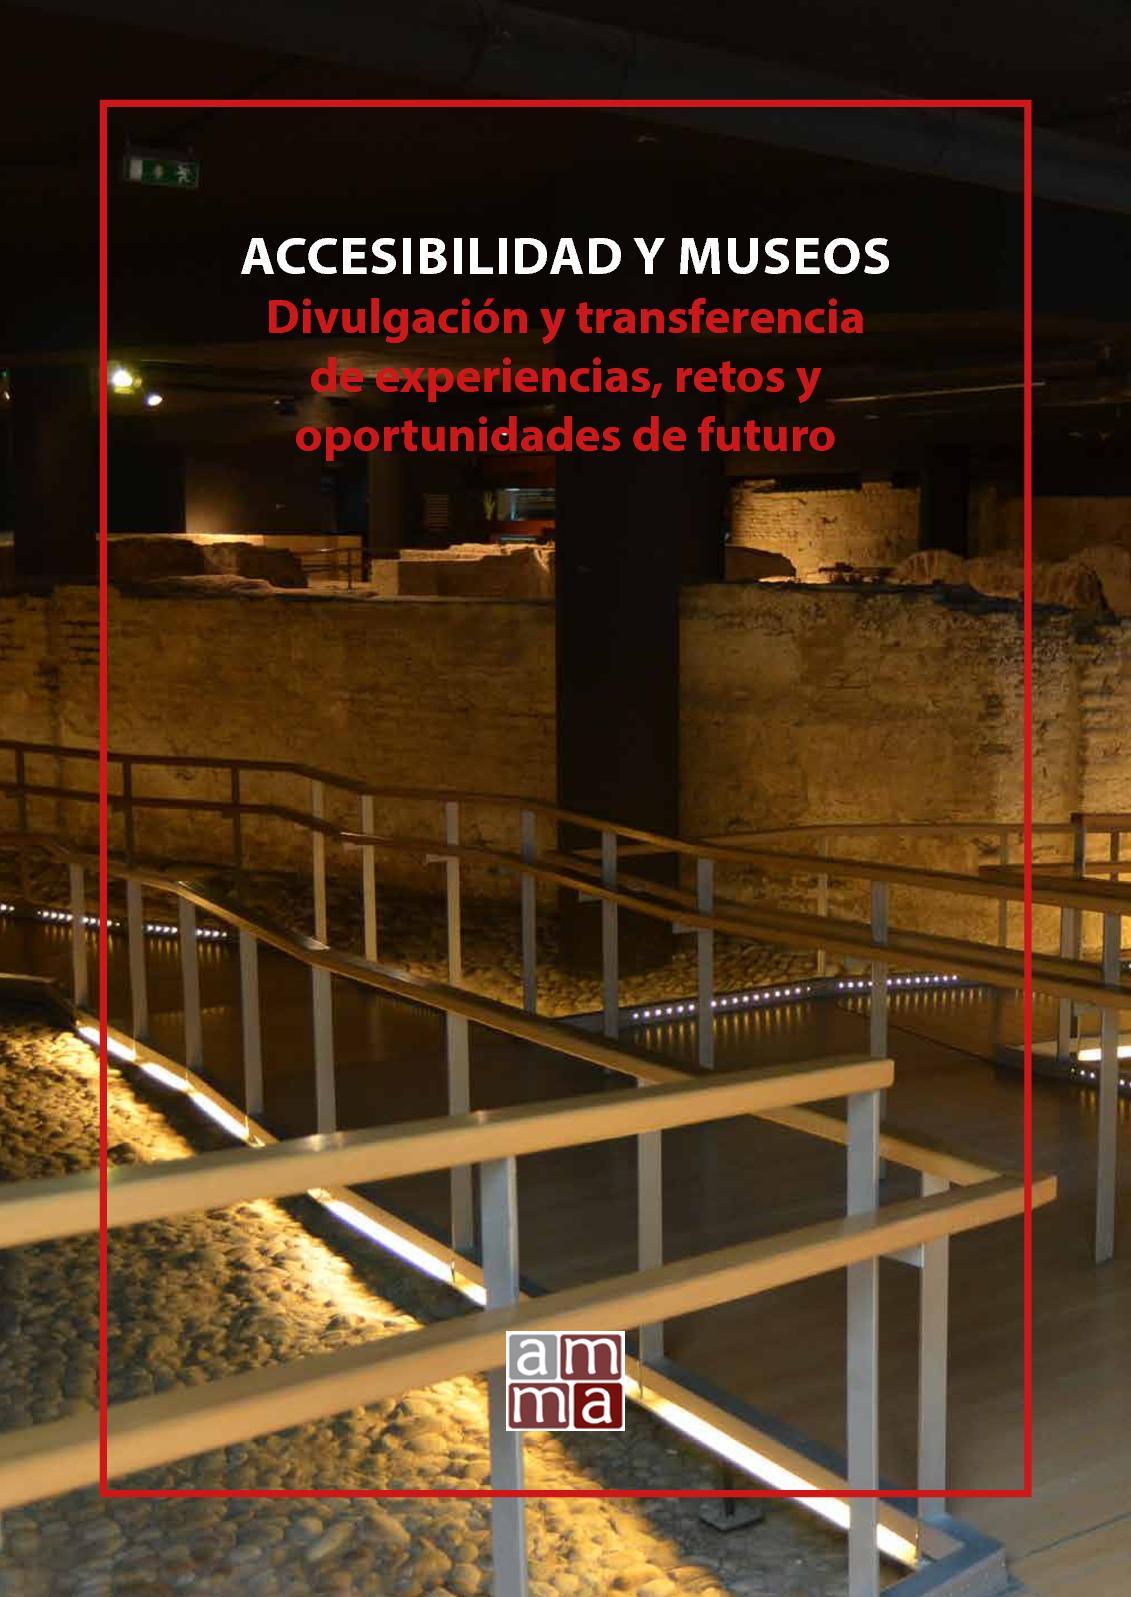 Primavera Sulcitana 2020 Calendario.Calameo Accesibilidad Y Museos